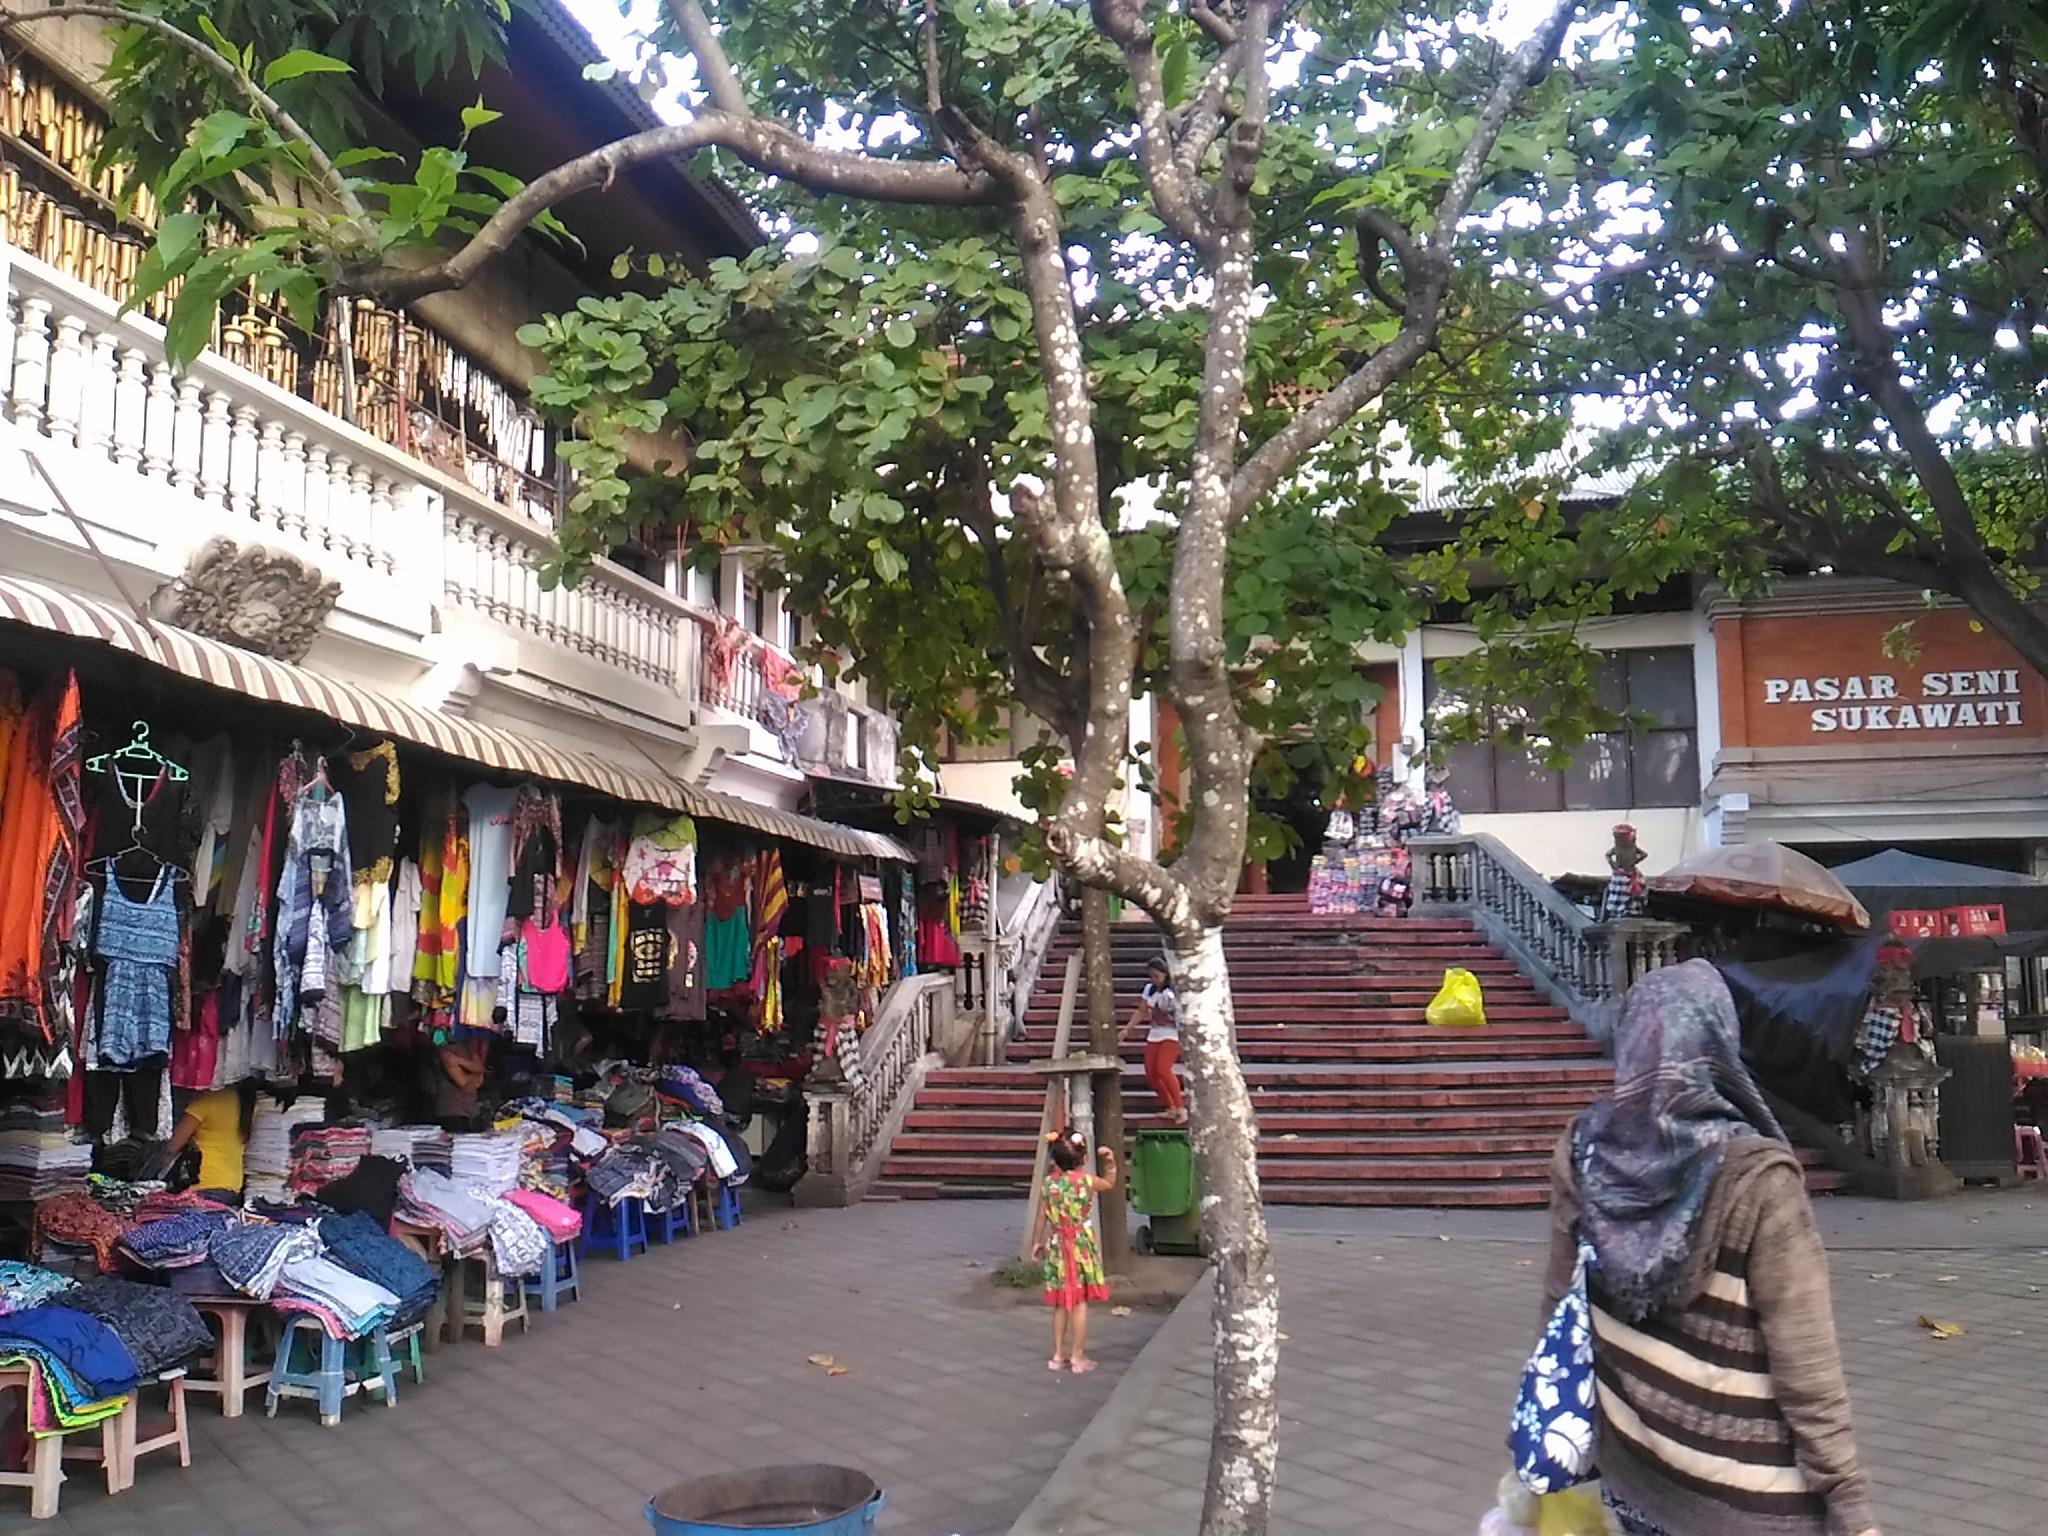 Pasar Oleh Menjamur Pedagang Seni Sukawati Mengeluh Suasana Gianyar Kab